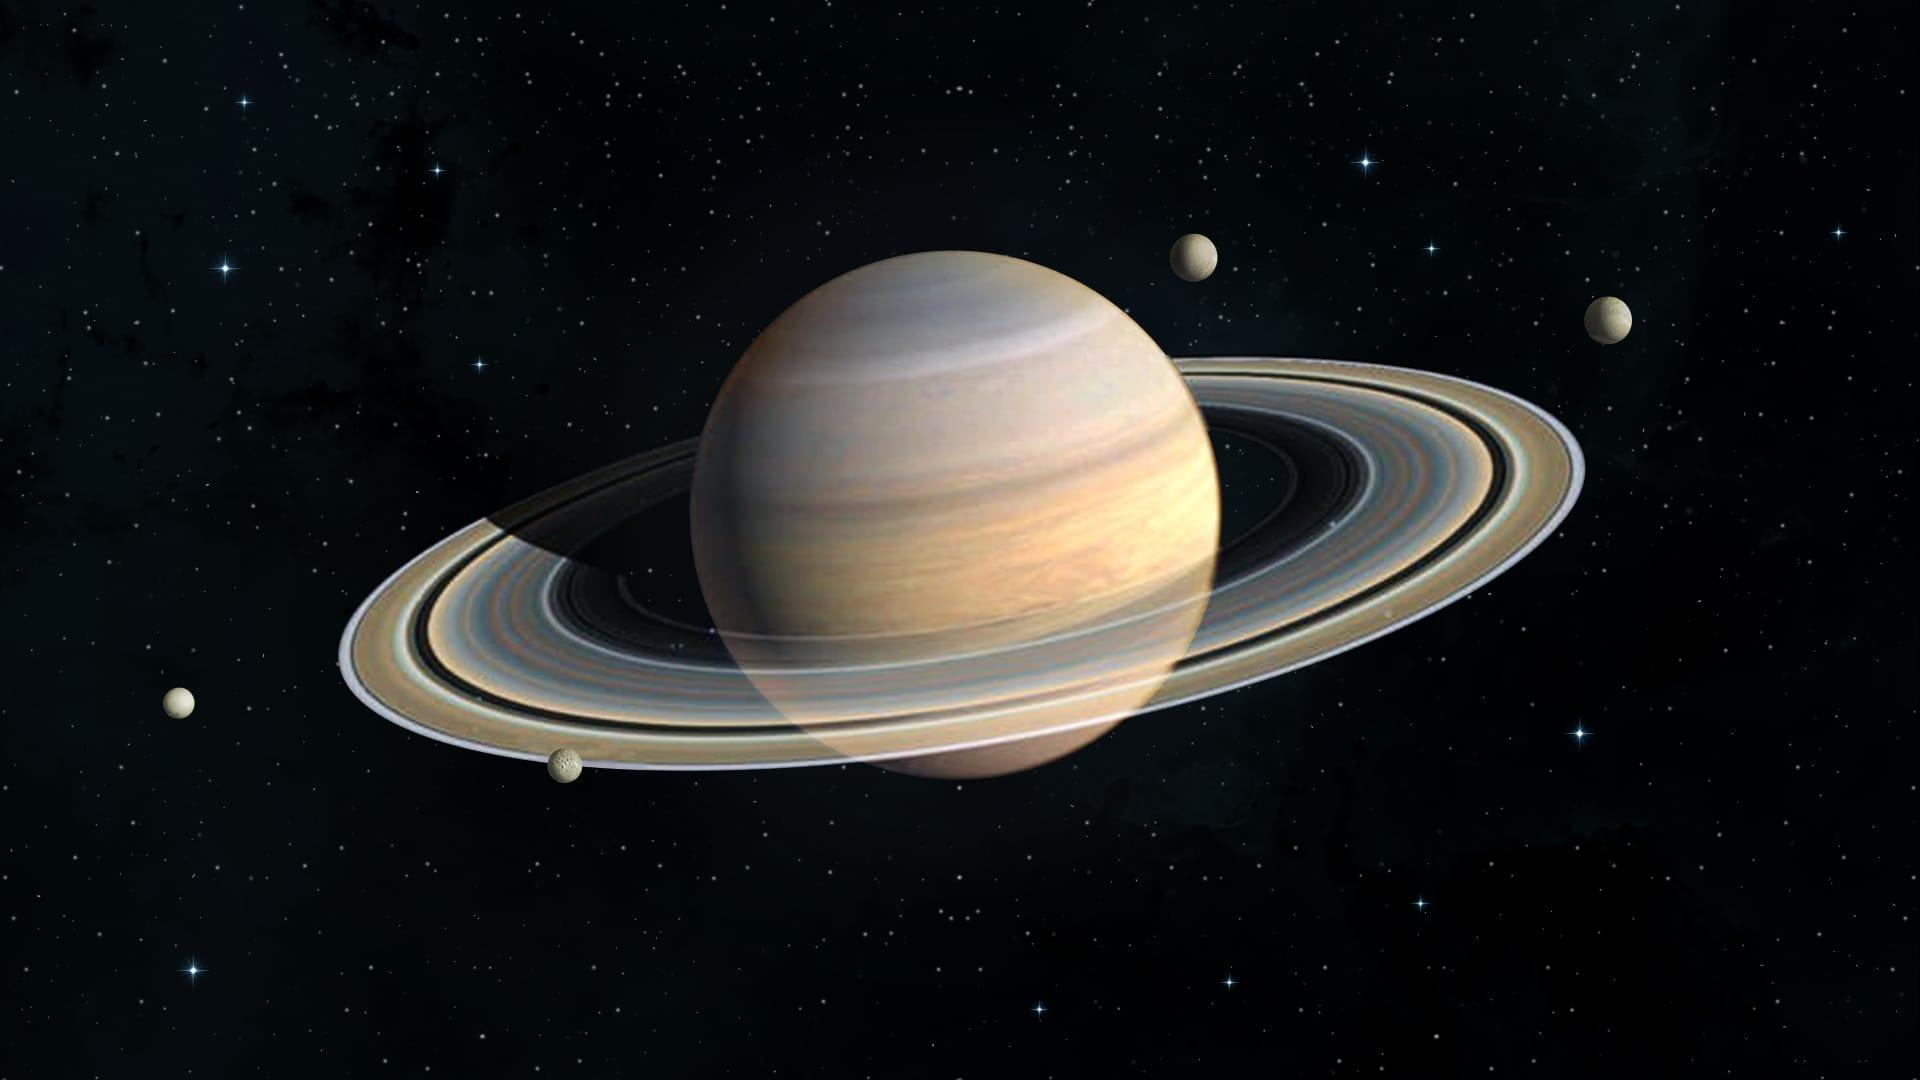 土星とはどんな惑星ですか?